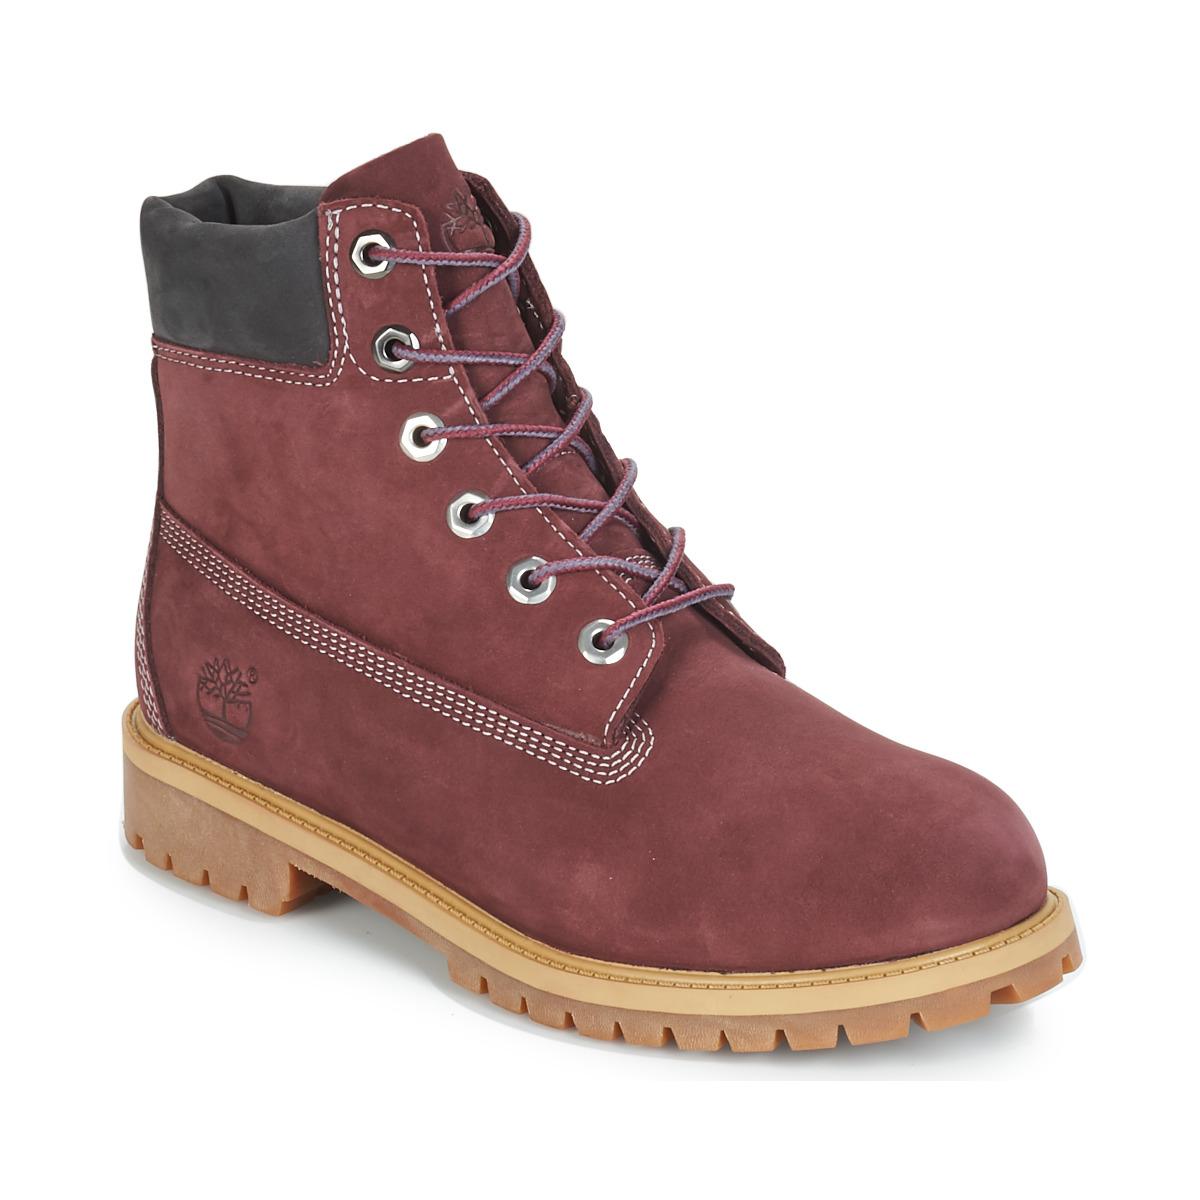 Støvler til børn Timberland  7 In Premium WP Boot